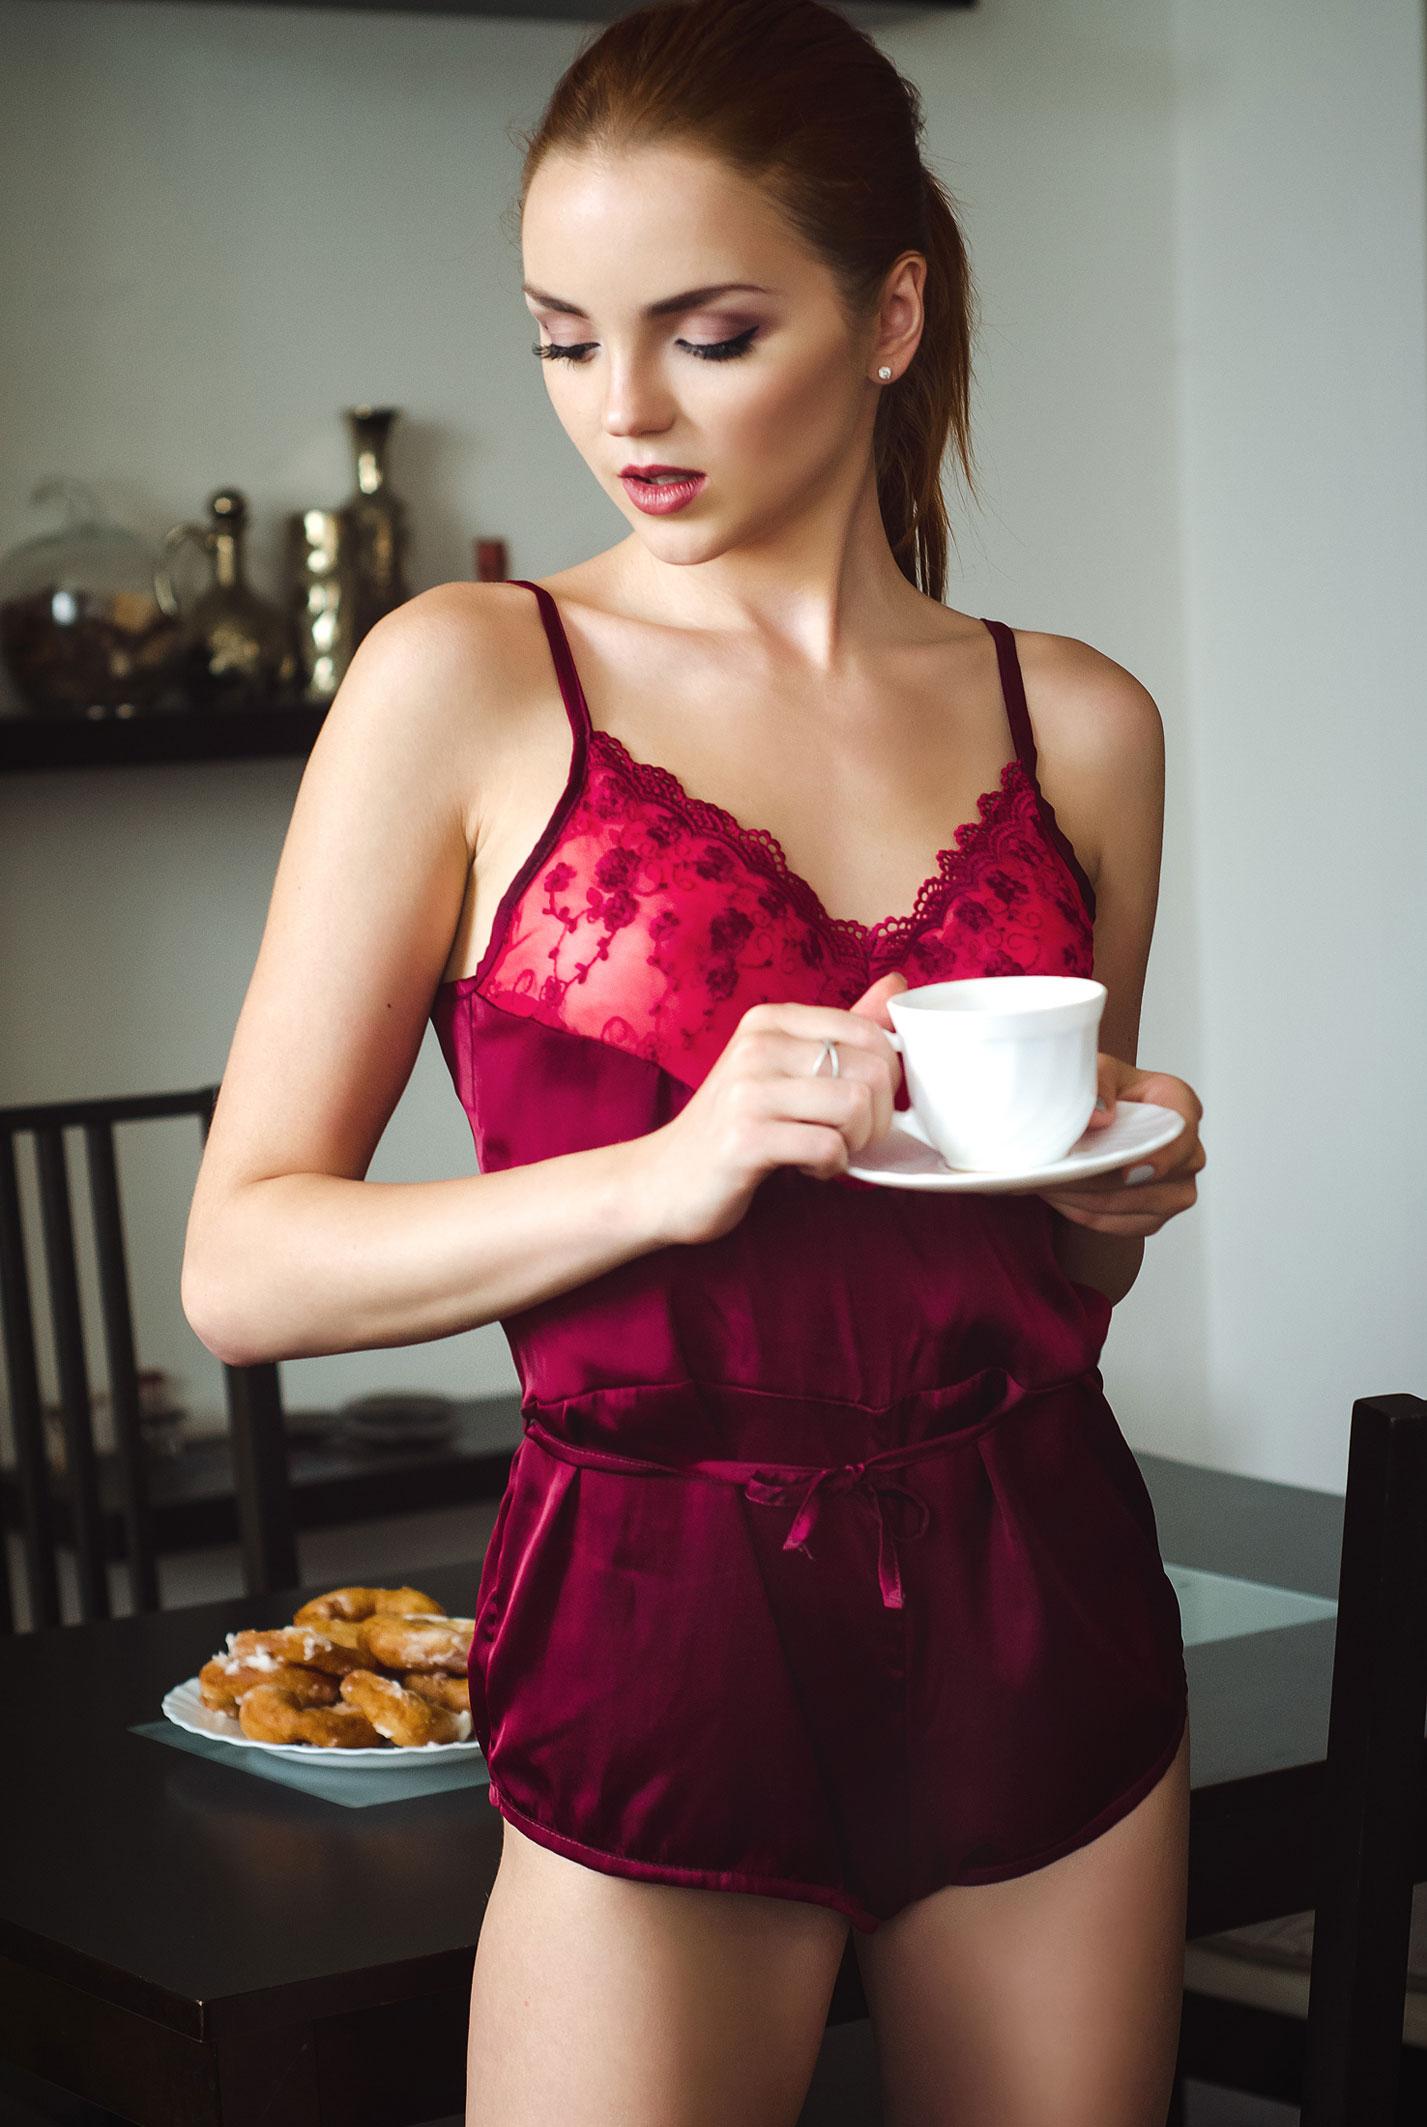 готовим с сексуальной Екатериной Шержуковой / Katherin Sher by Nikolas Verano